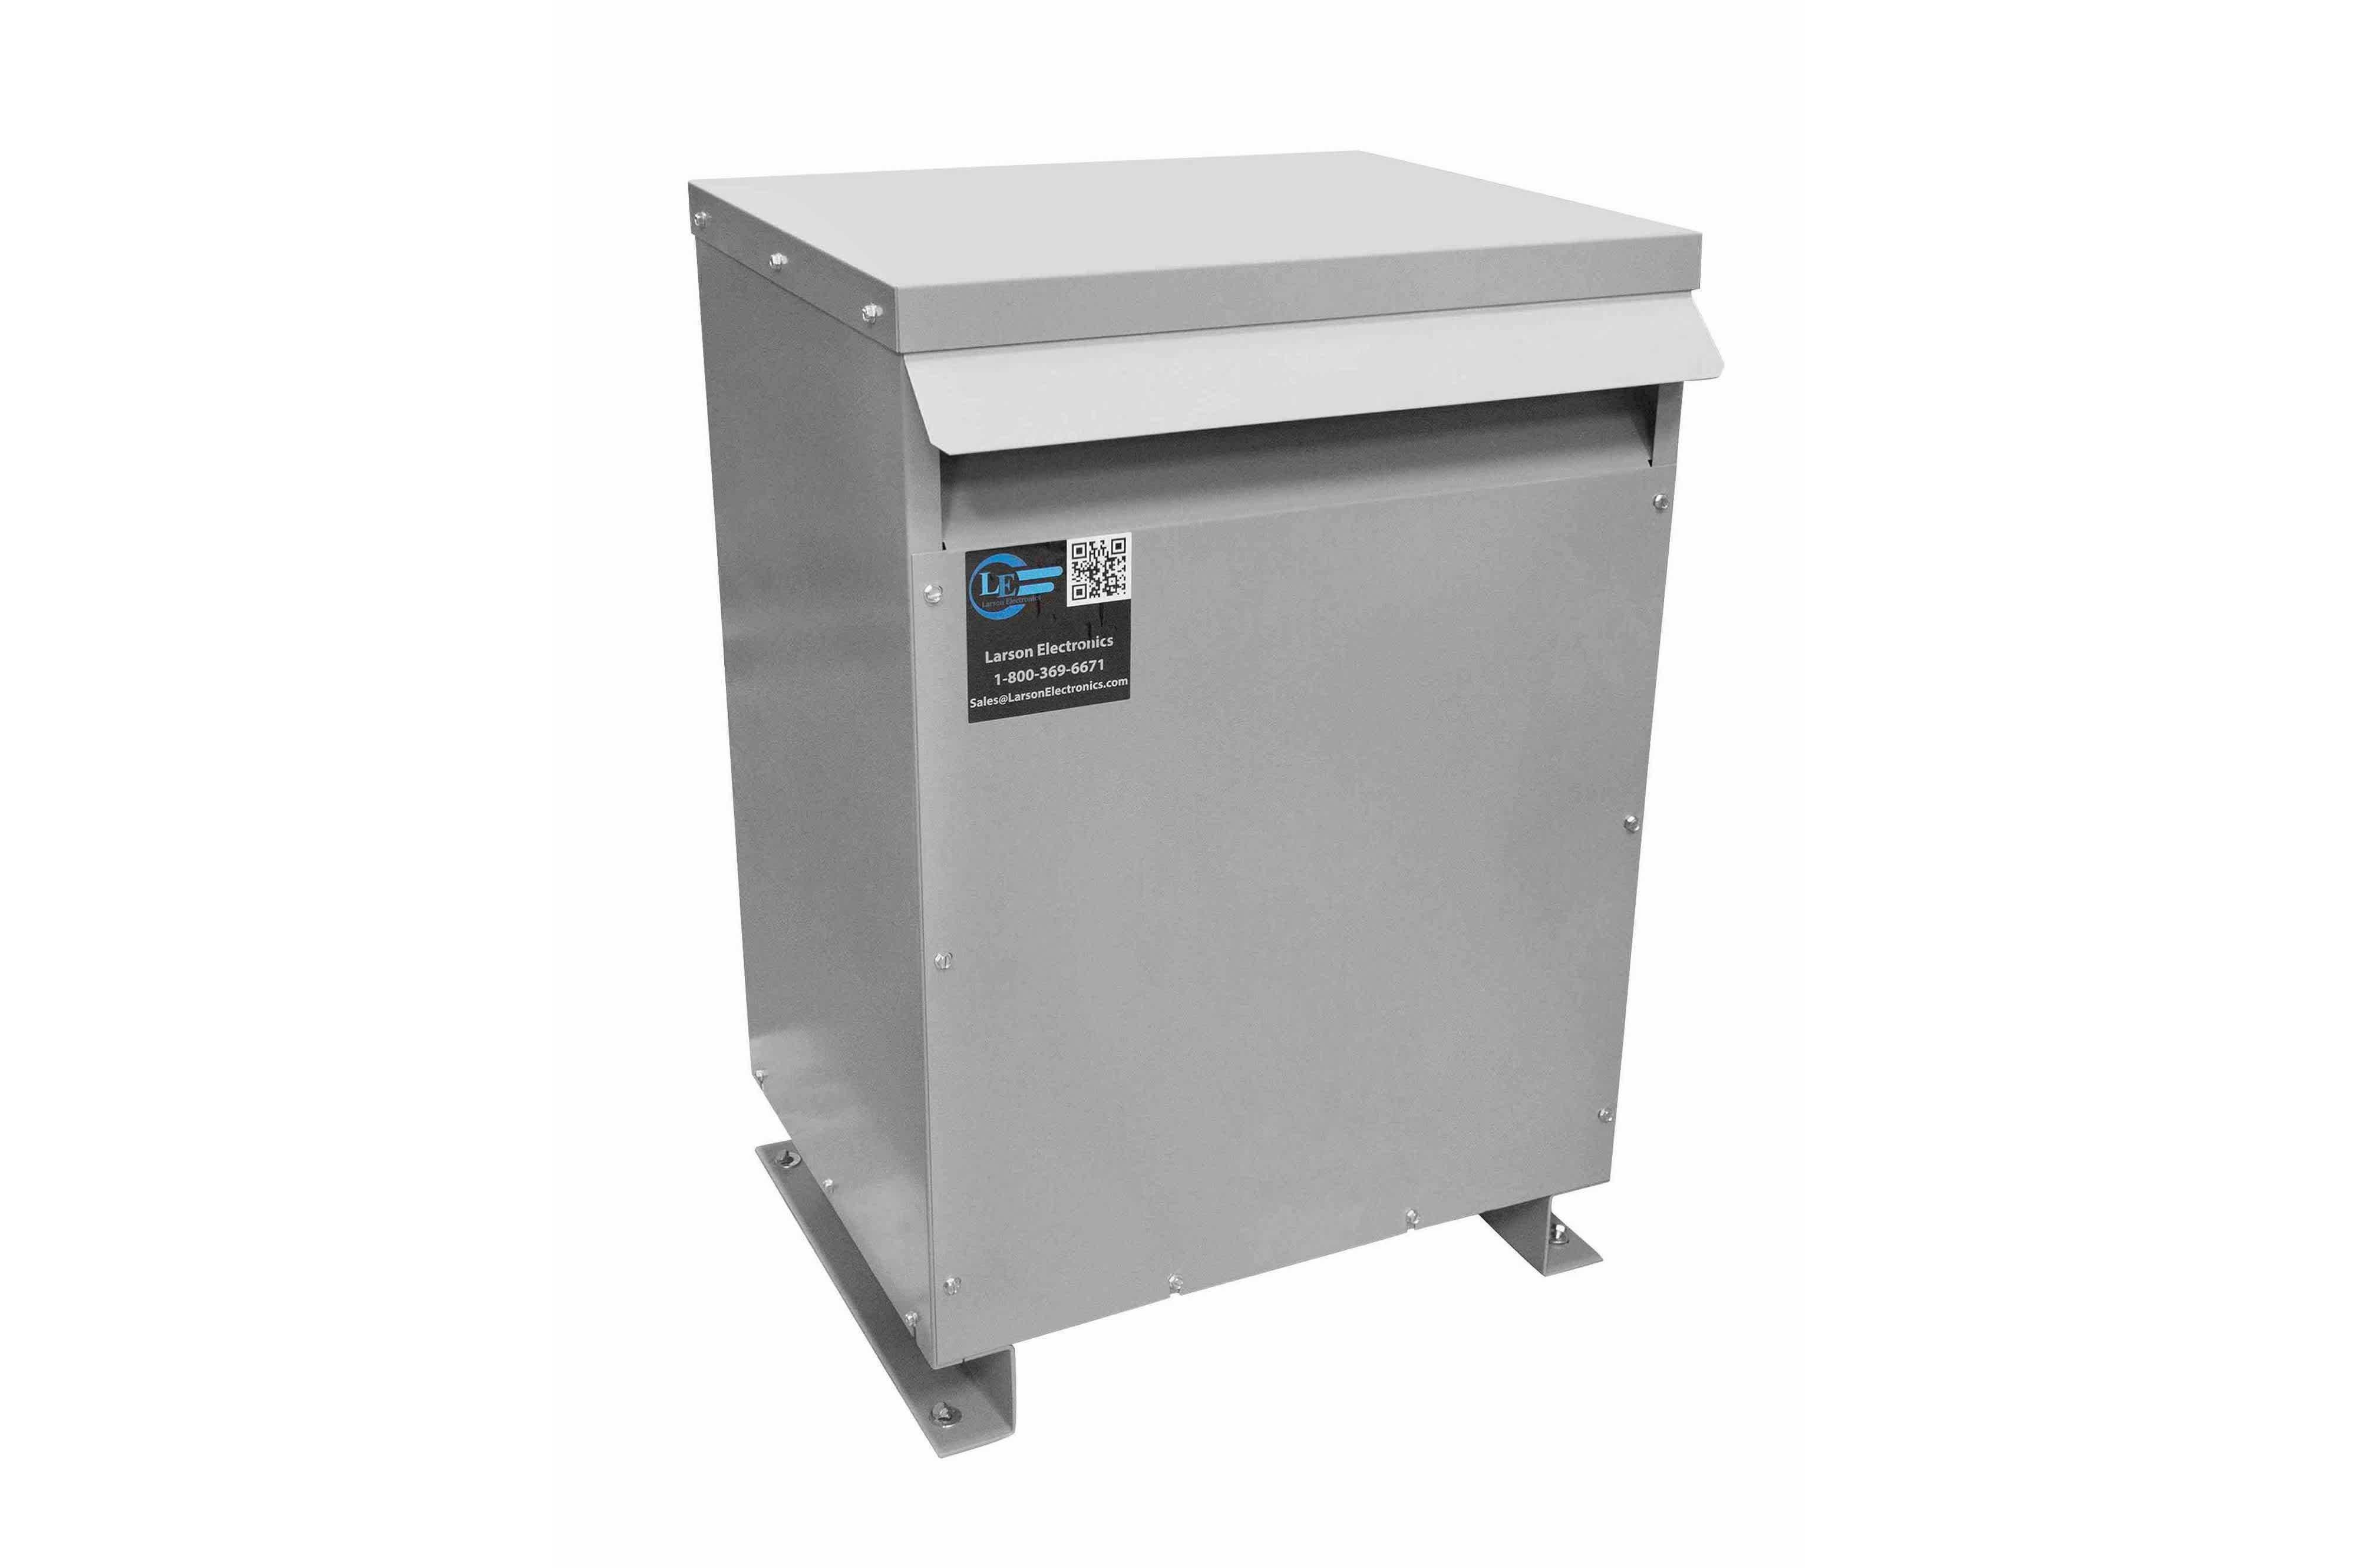 15 kVA 3PH DOE Transformer, 600V Delta Primary, 240V/120 Delta Secondary, N3R, Ventilated, 60 Hz